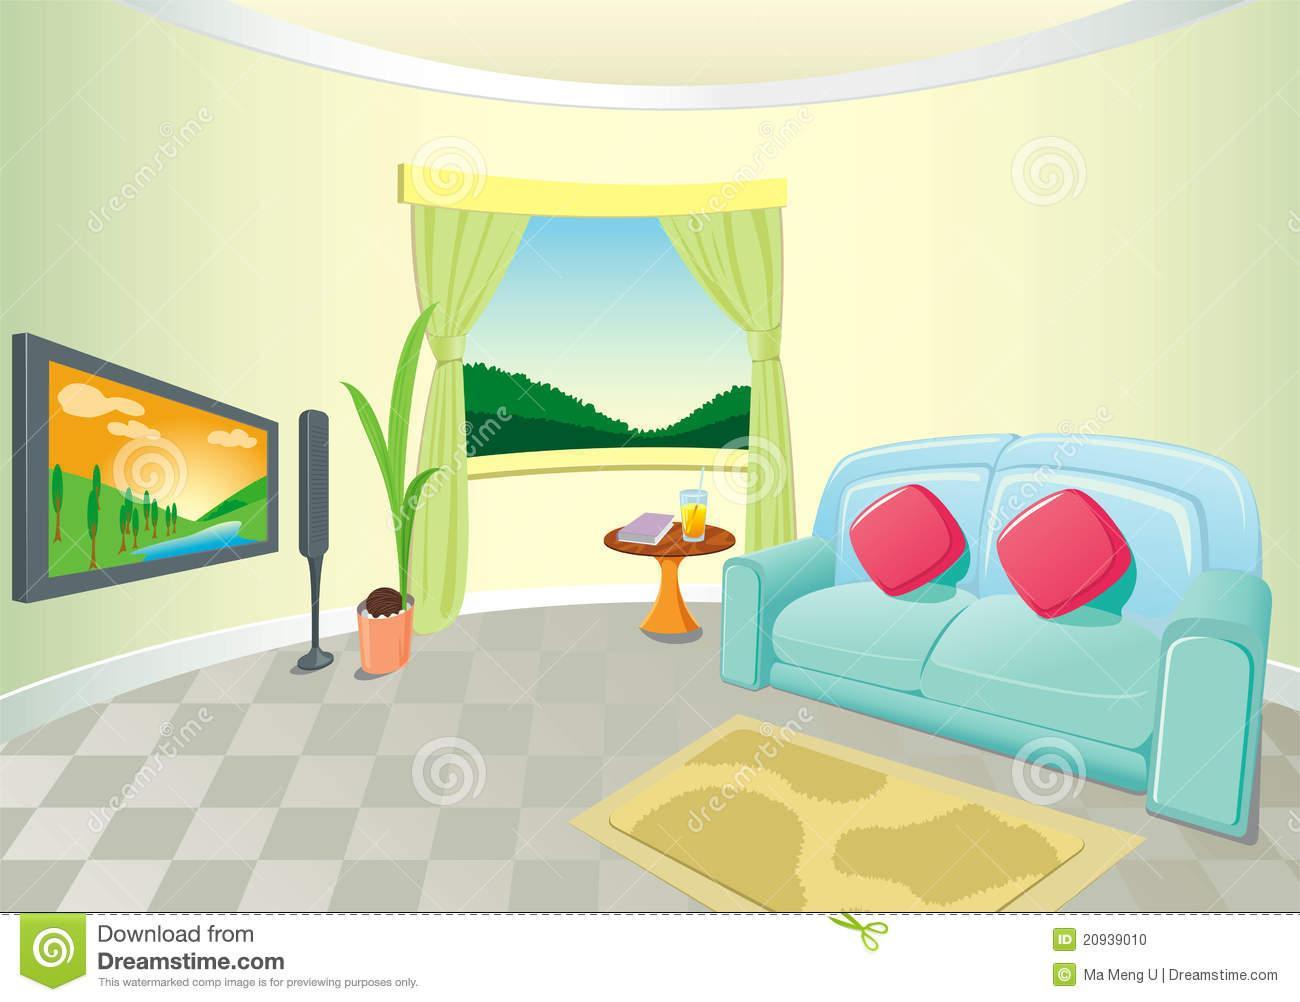 Amazing Modern Living Room Art #2 - Living Room Clip Art